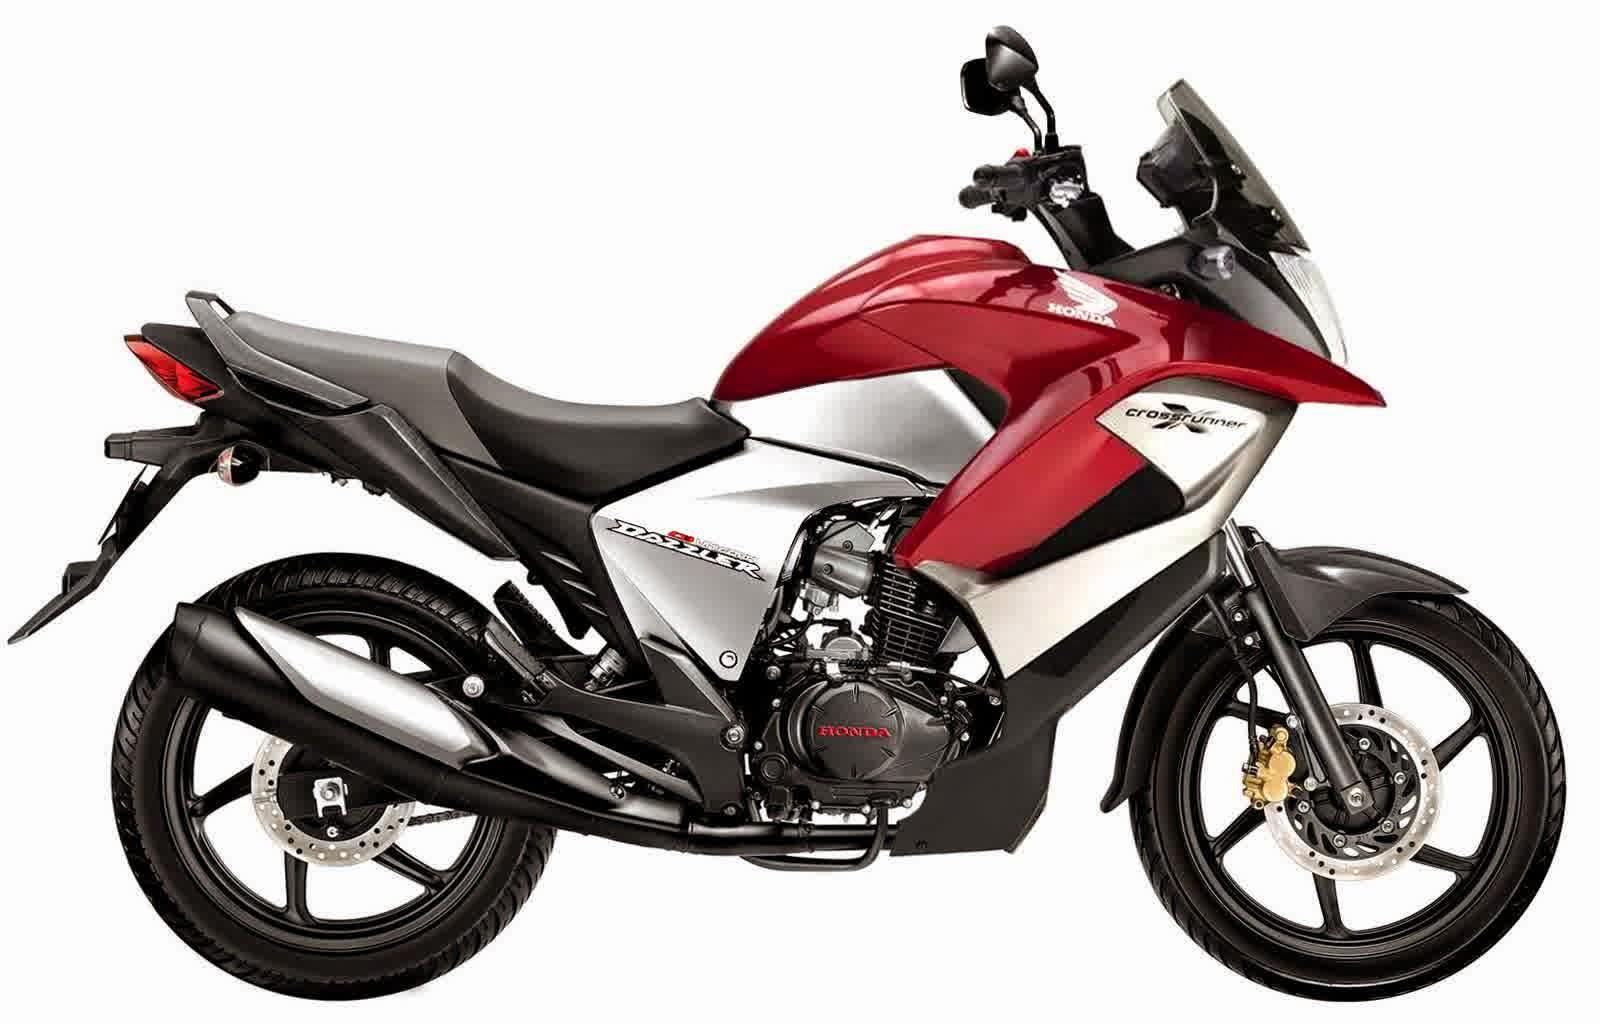 Foto Modifikasi Motor Megapro Honda Terkeren